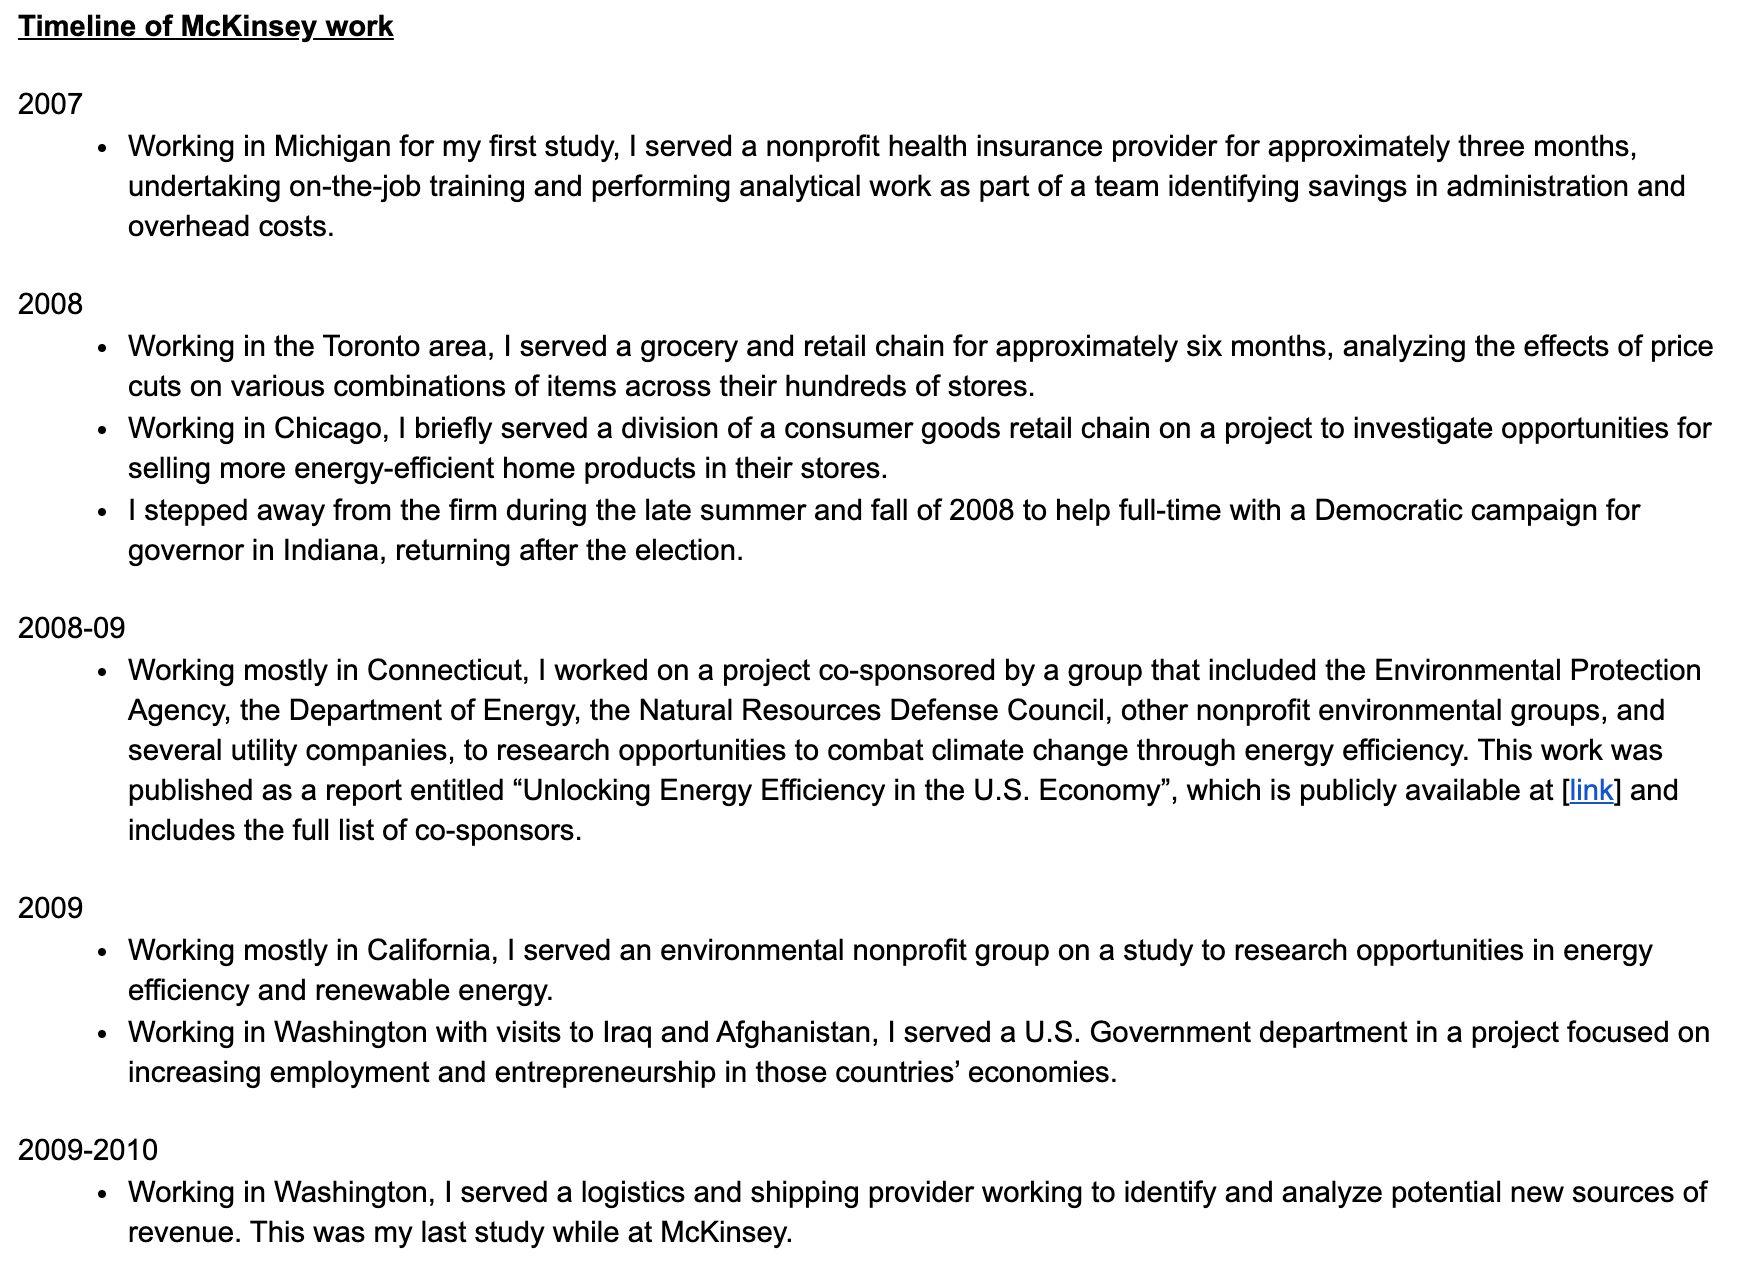 A timeline of Pete Buttigieg's work at McKinsey.